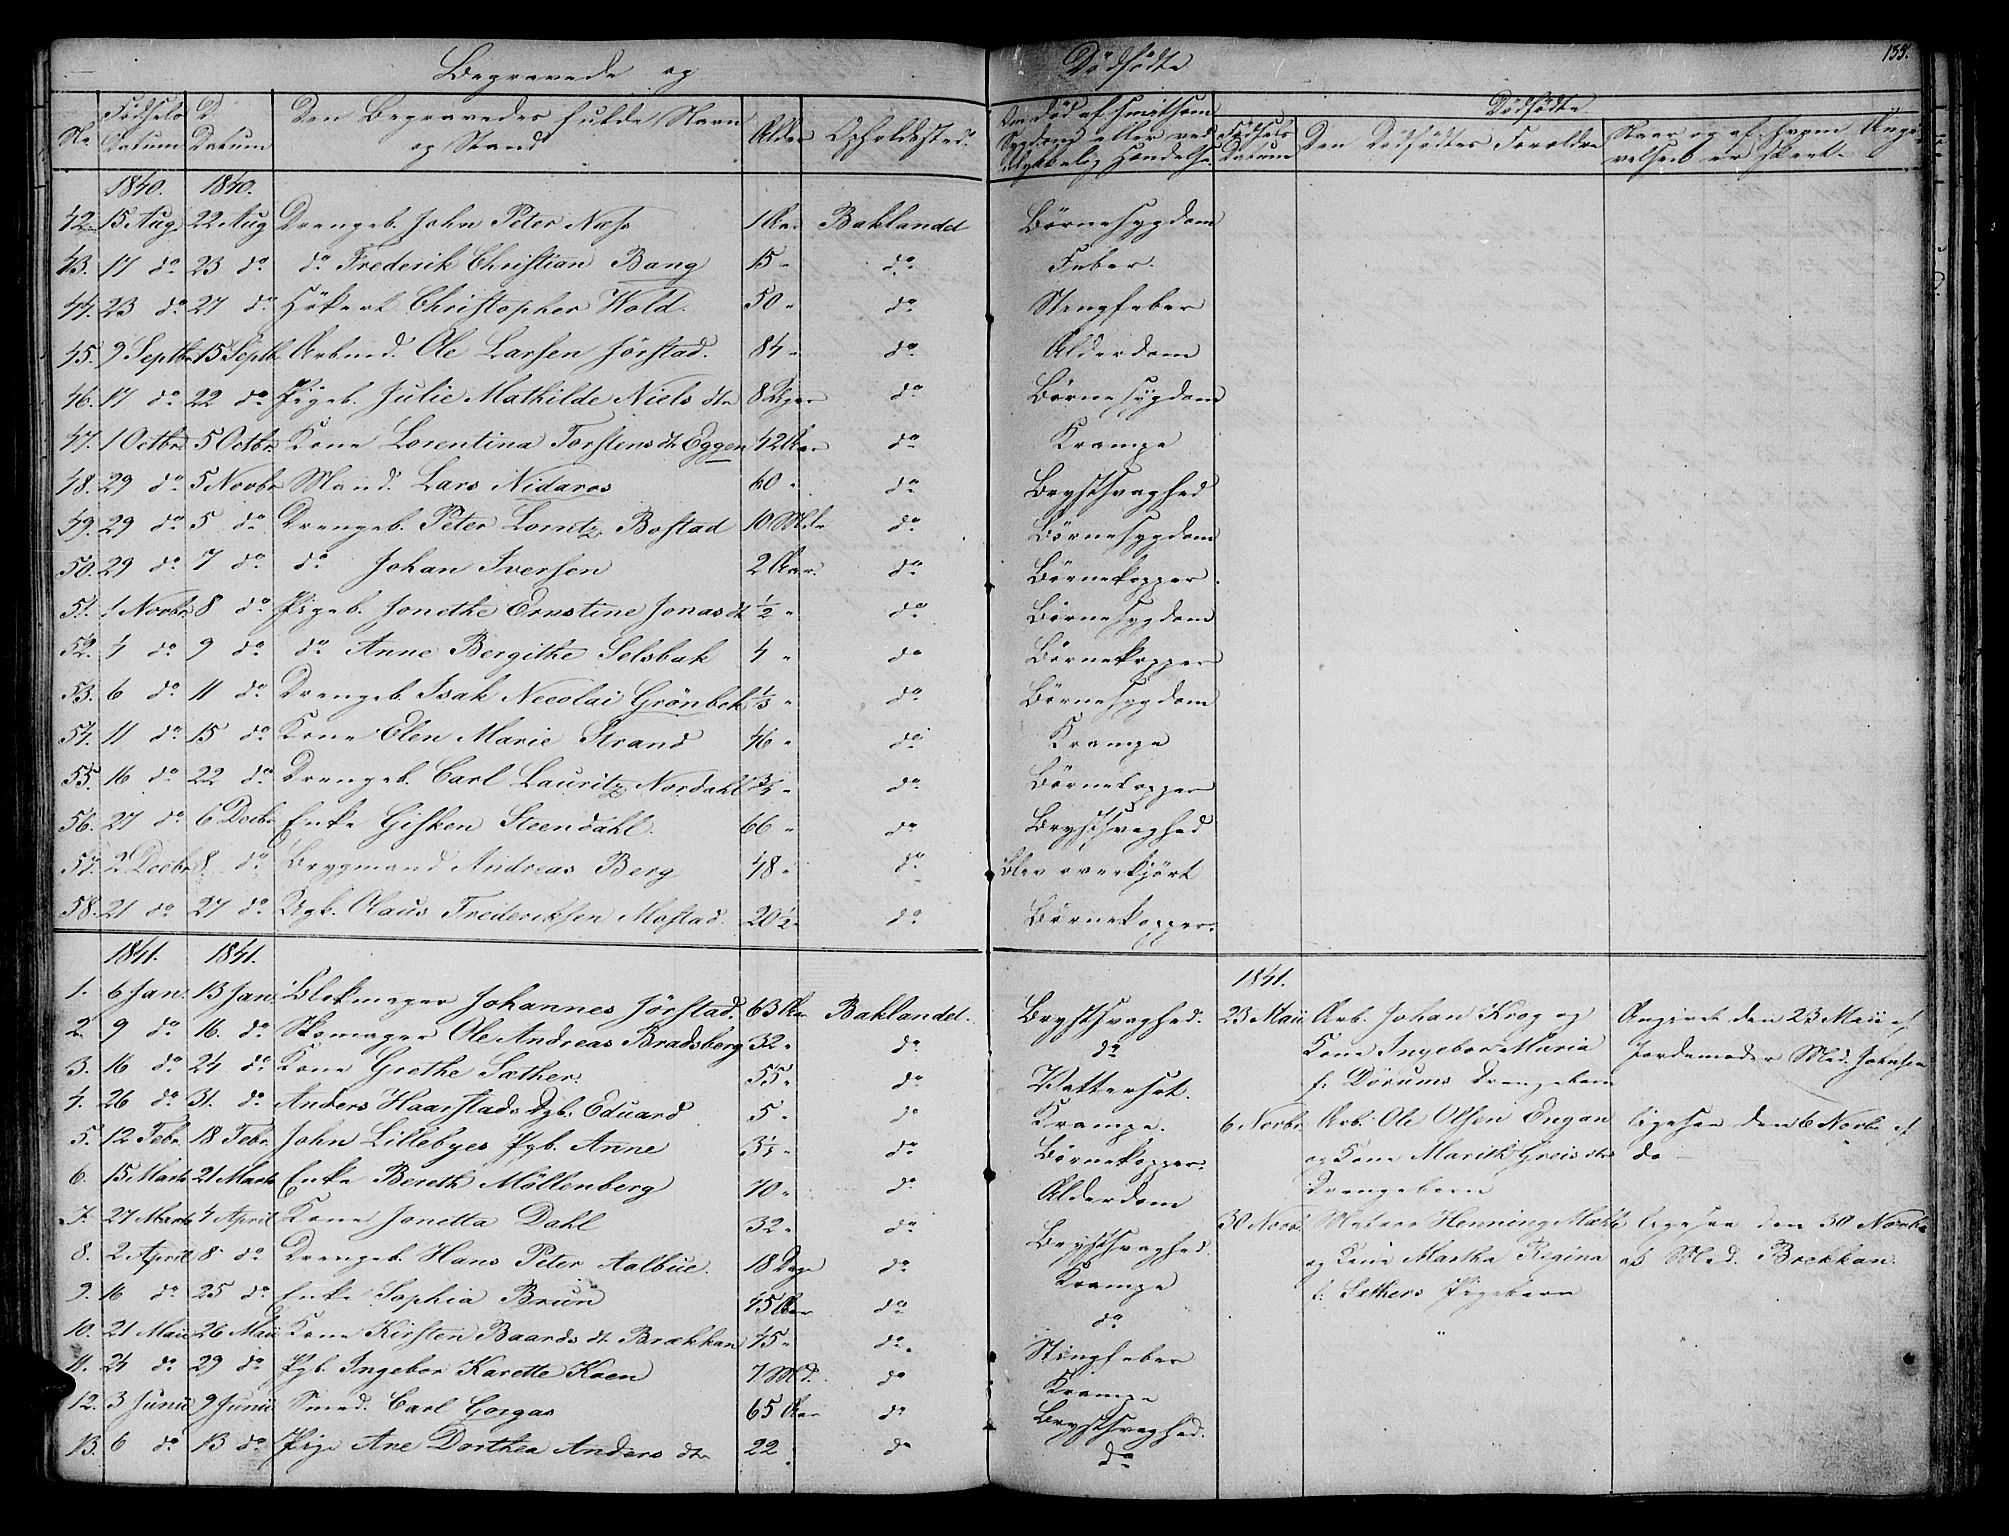 SAT, Ministerialprotokoller, klokkerbøker og fødselsregistre - Sør-Trøndelag, 604/L0182: Ministerialbok nr. 604A03, 1818-1850, s. 135